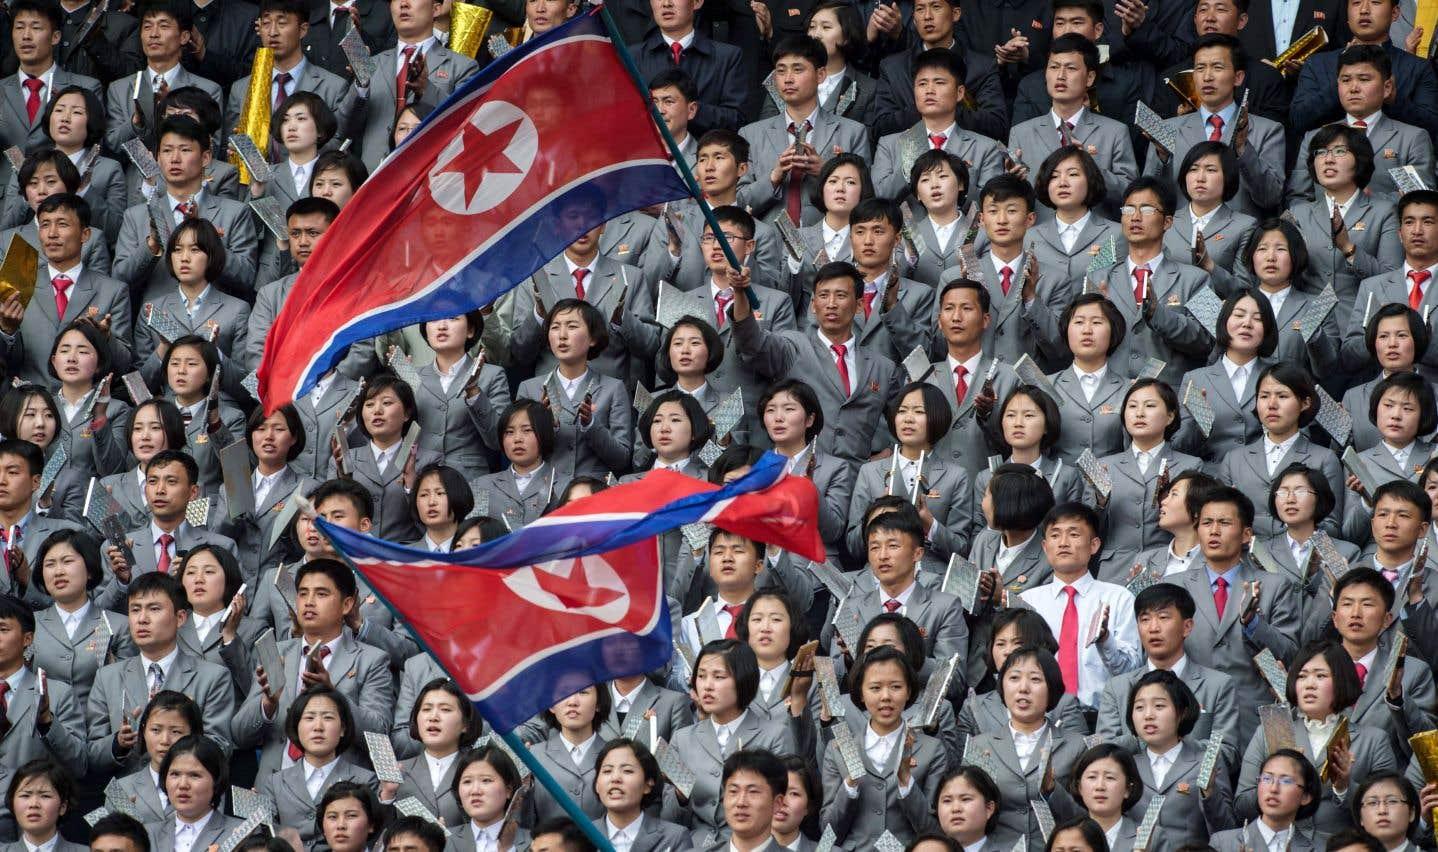 Le rapprochement diplomatique des deux Corées ne règle pas tout